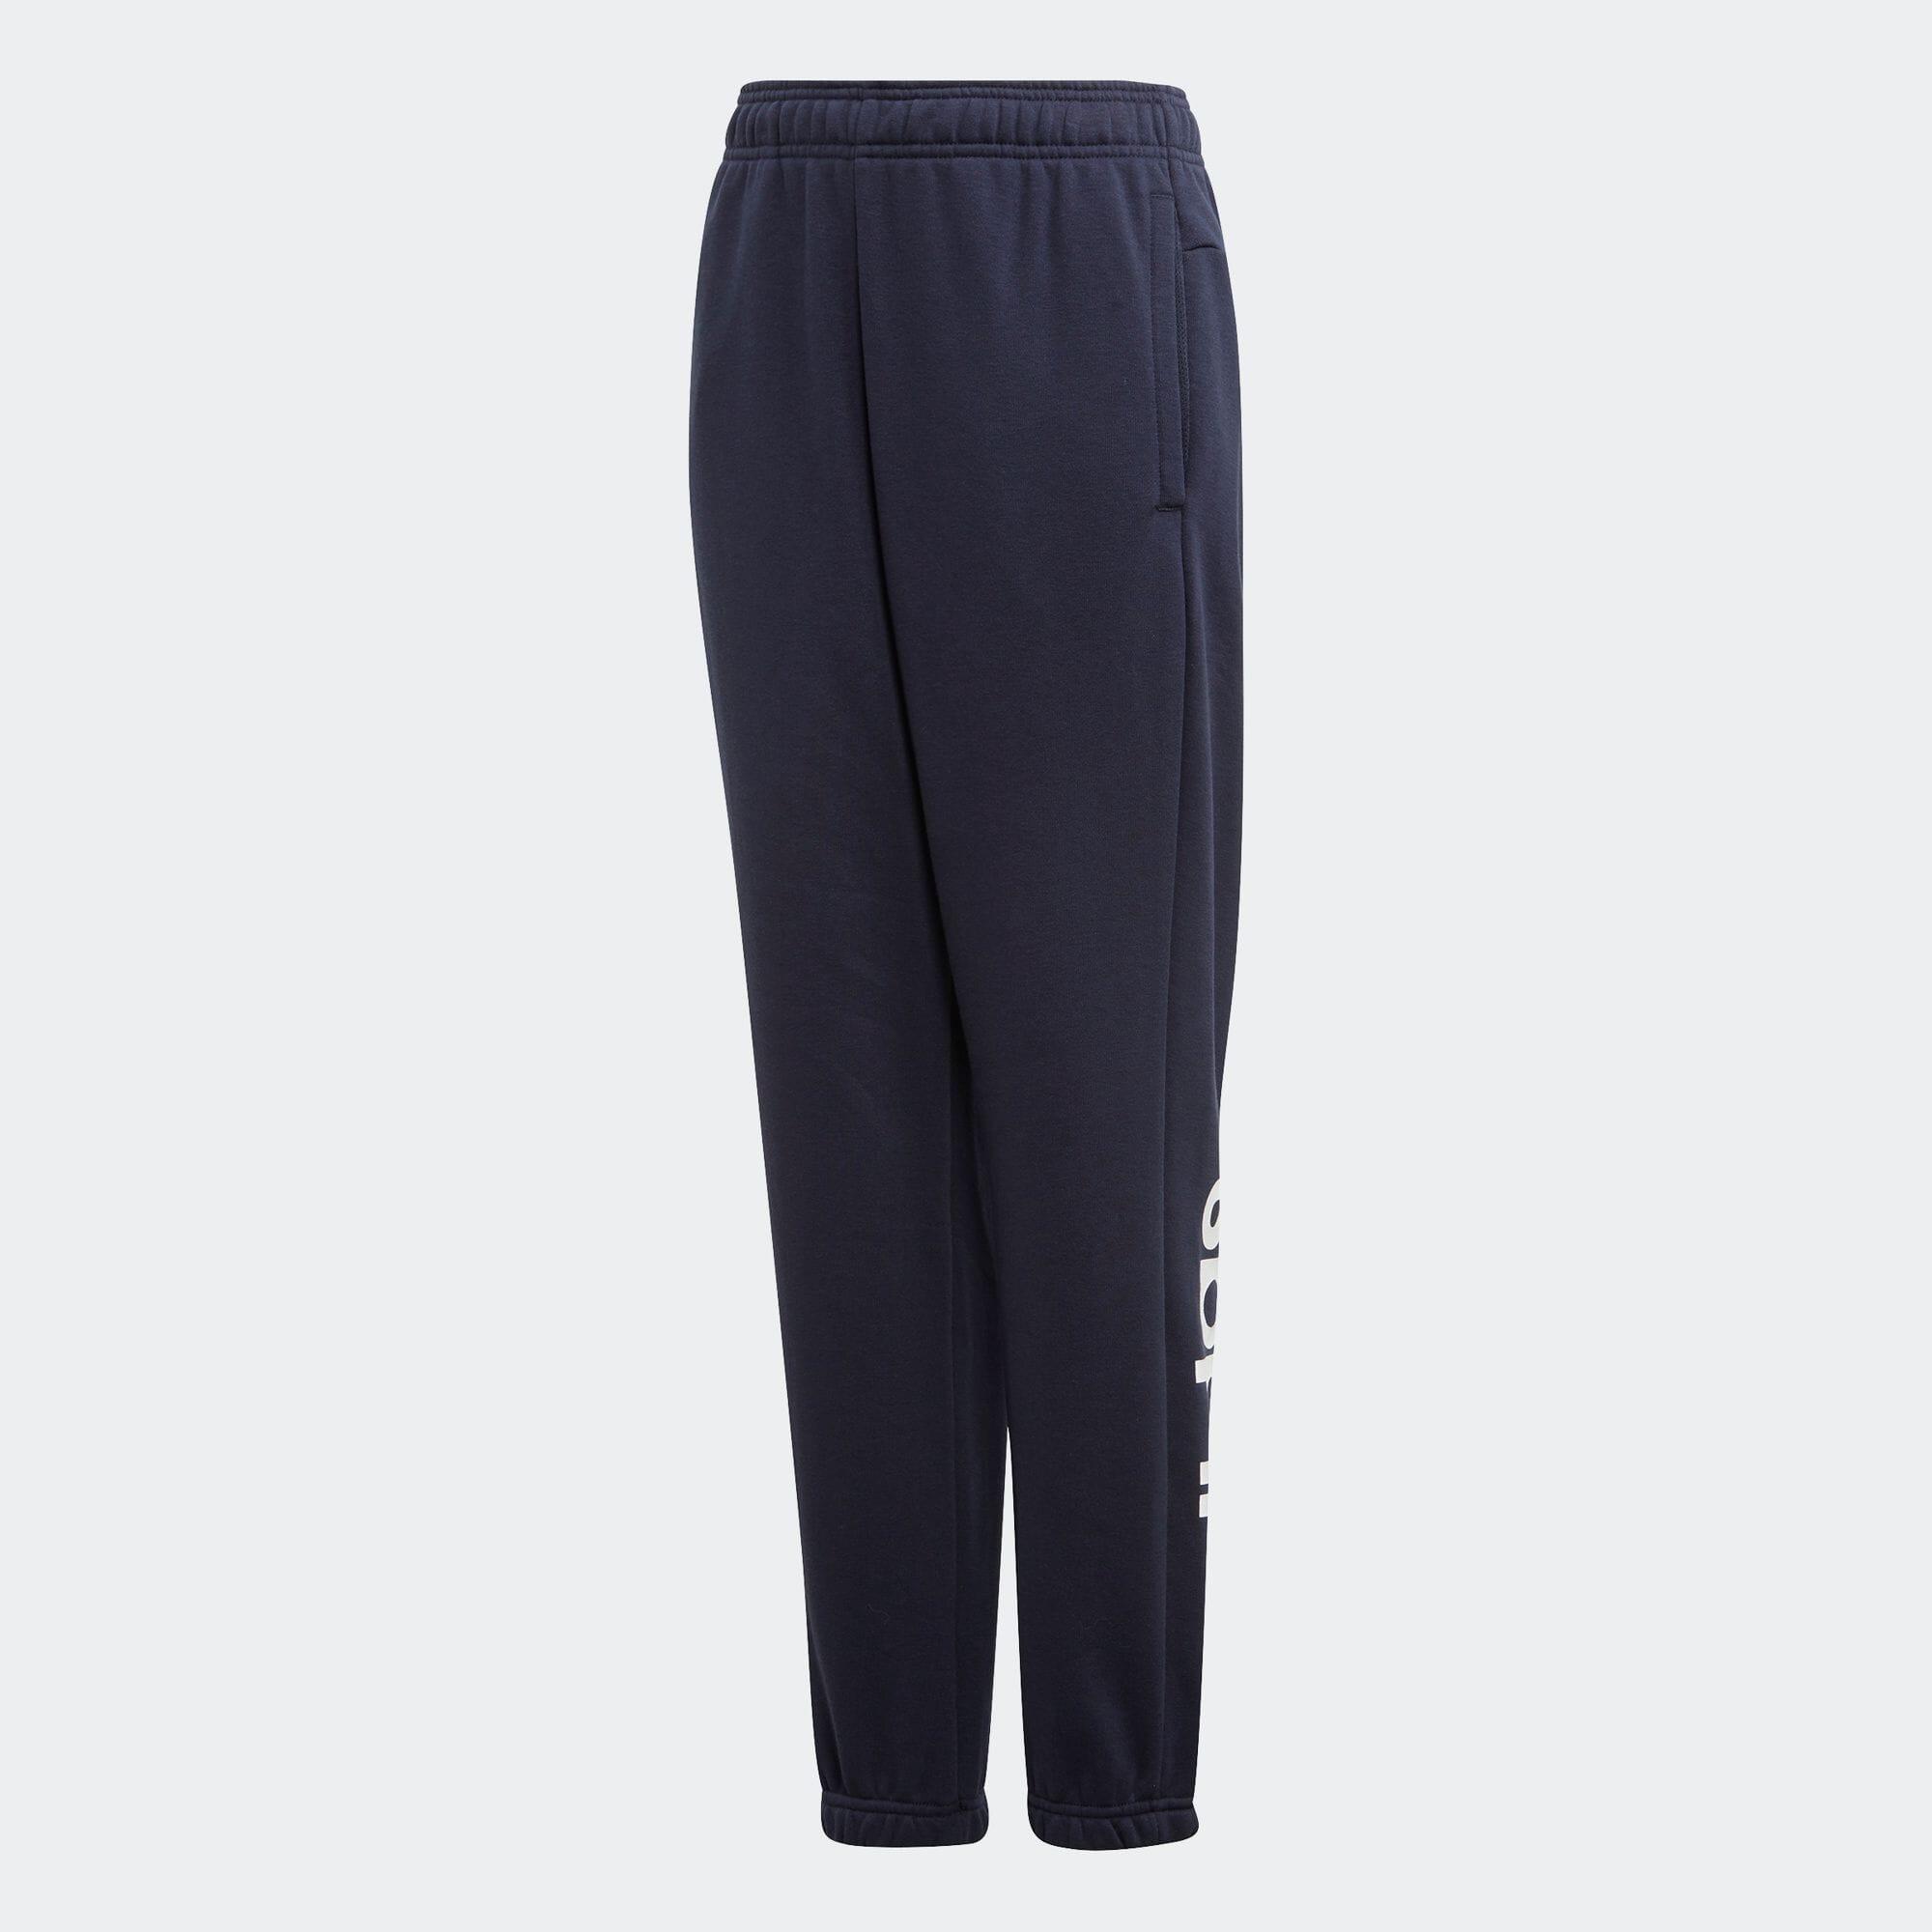 エッセンシャルズ リニアパンツ / Essentials Linear Pants